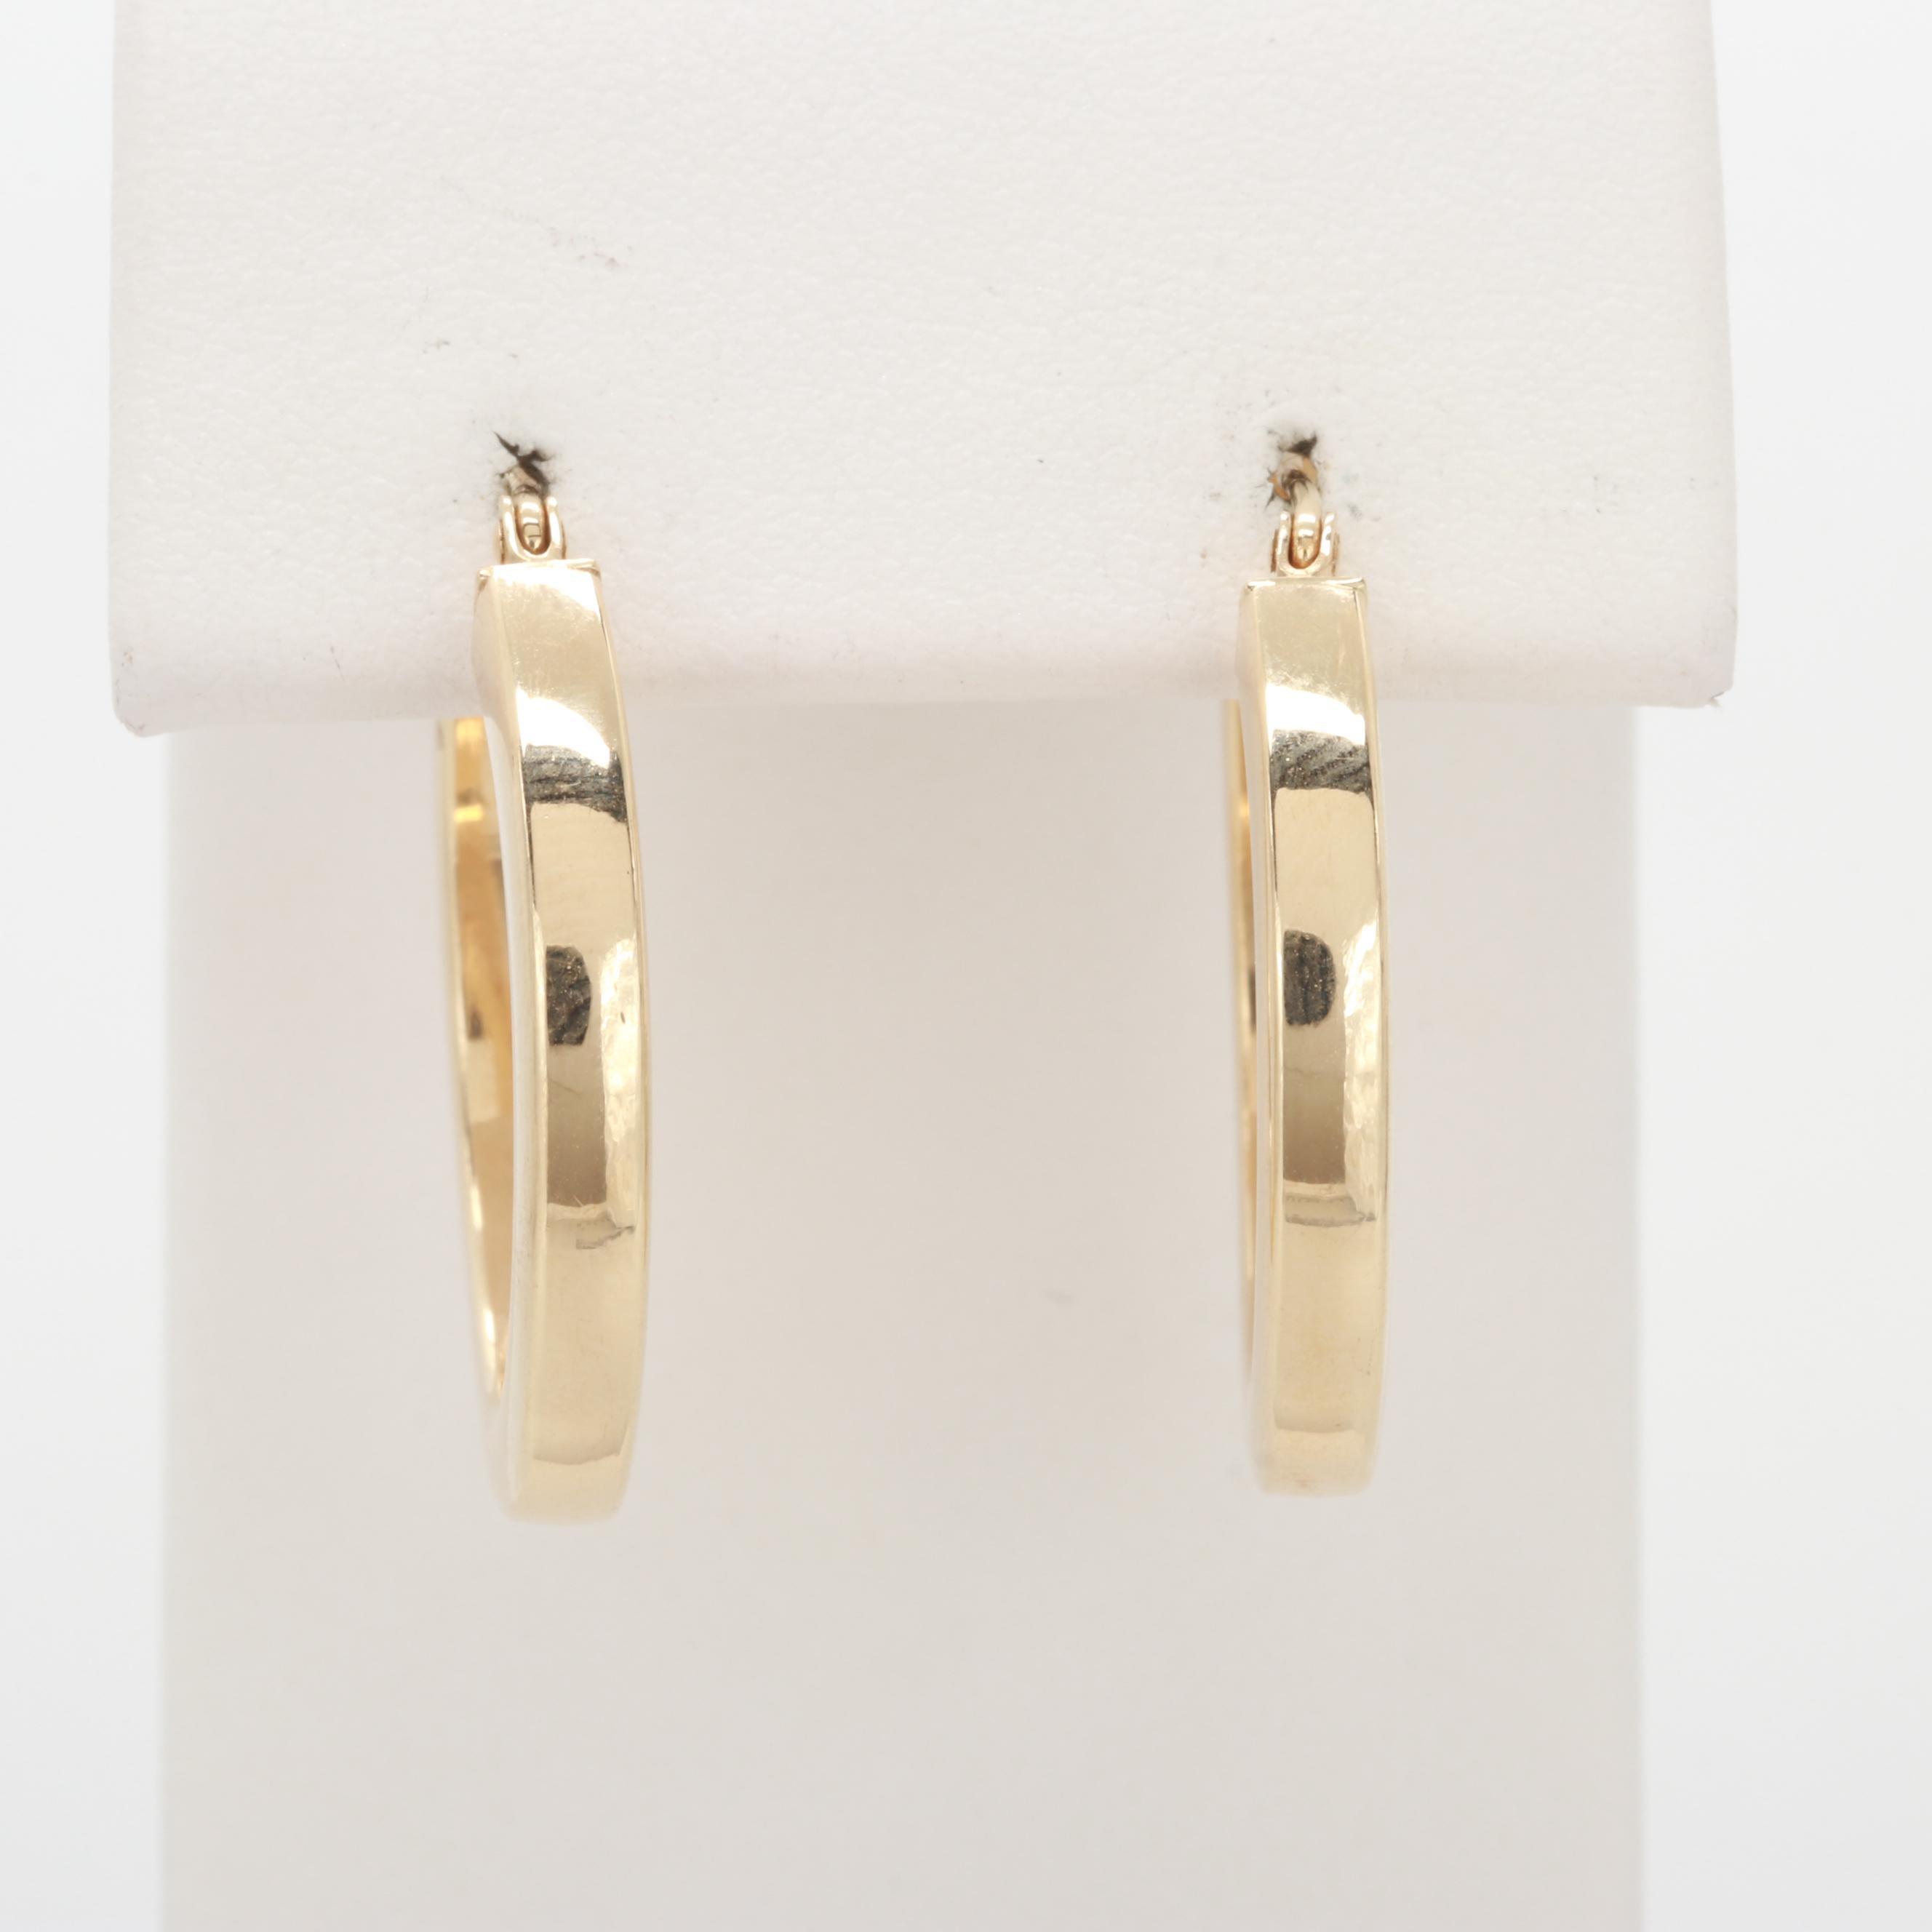 14K Yellow Gold Earrings